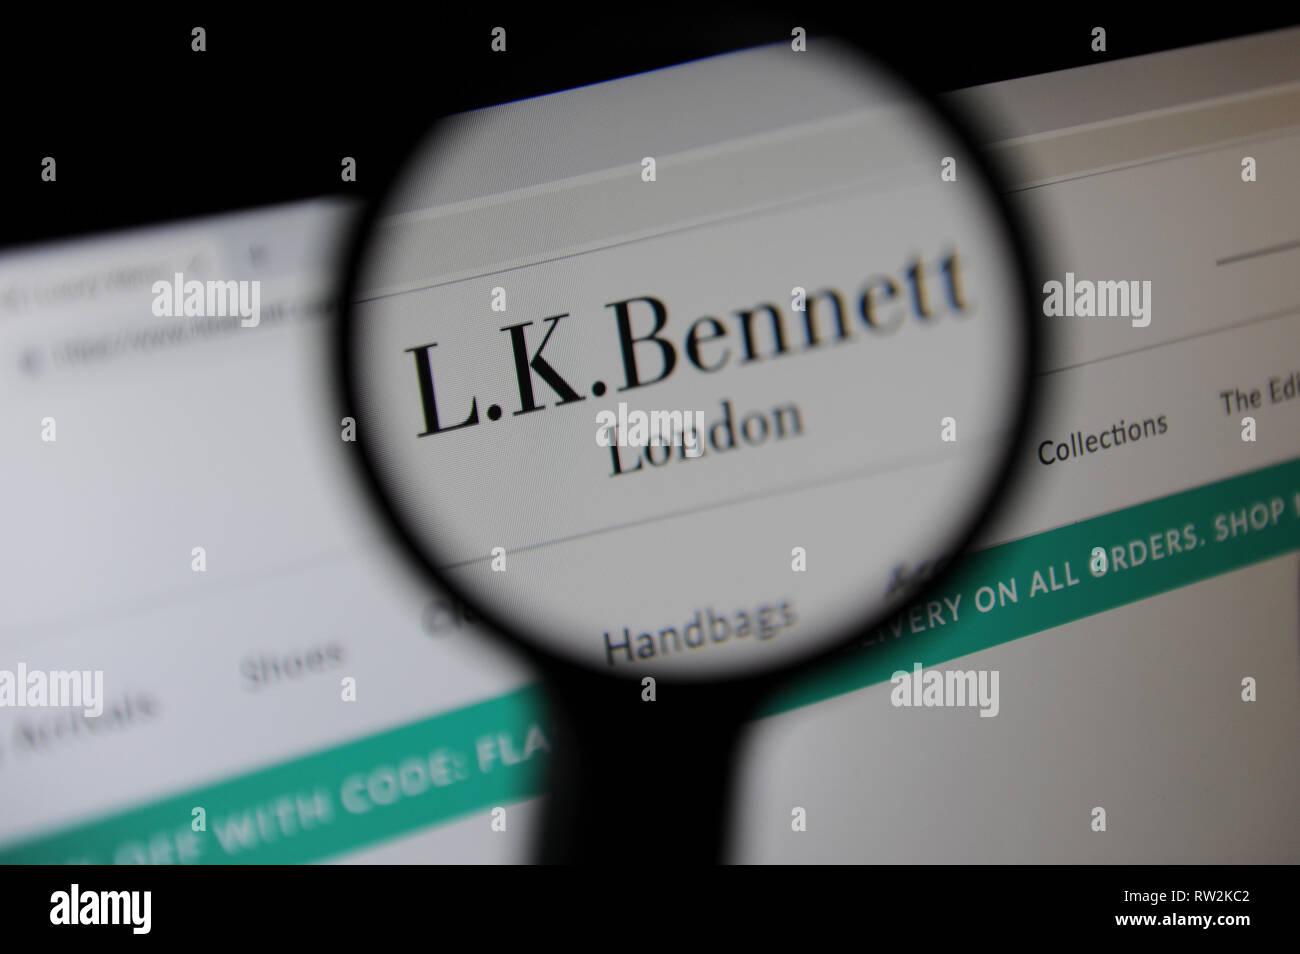 Lk A Stock Photos & Lk A Stock Images - Alamy